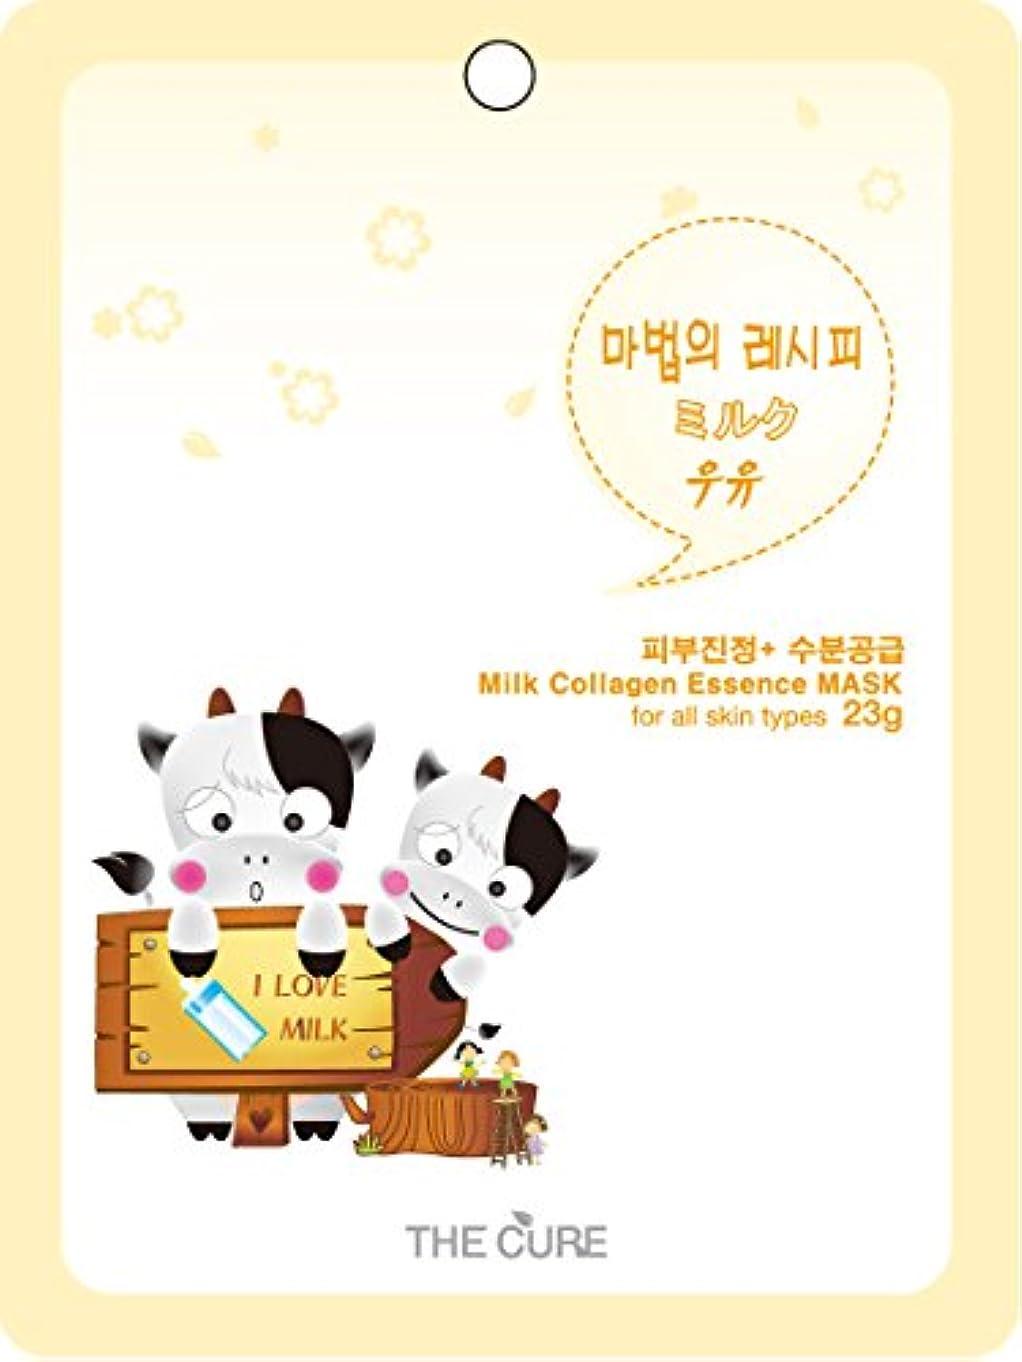 サンダー骨の折れる元気ミルク コラーゲン エッセンス マスク THE CURE シート パック 100枚セット 韓国 コスメ 乾燥肌 オイリー肌 混合肌